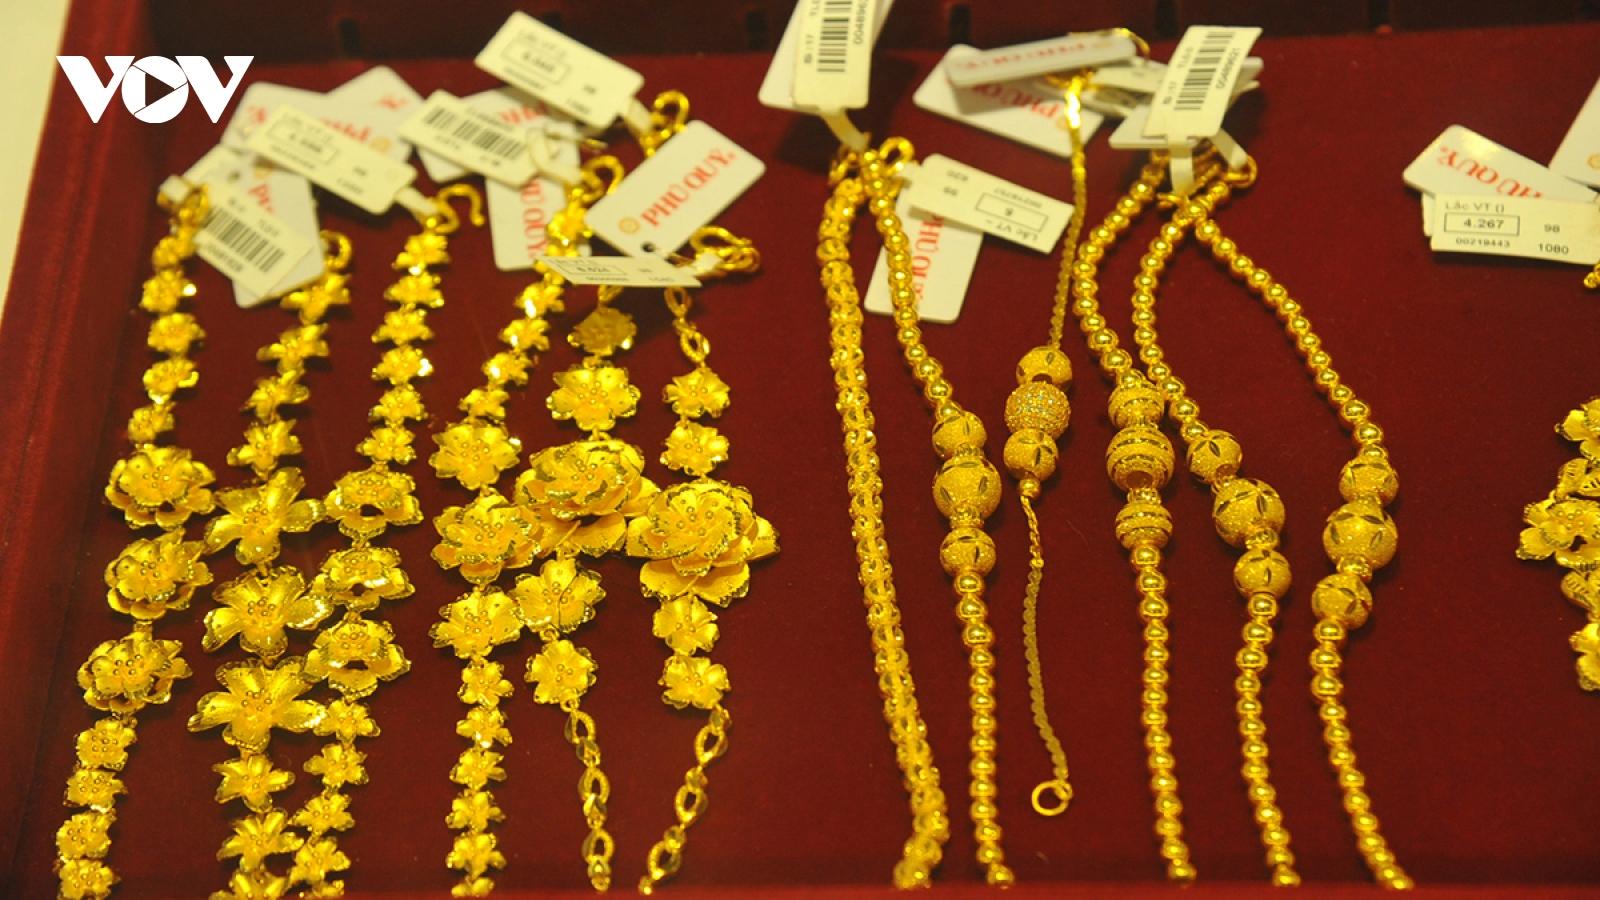 Giá vàng biến động mạnh, tiếp tục tăng hơn 400.000 đồng/lượng